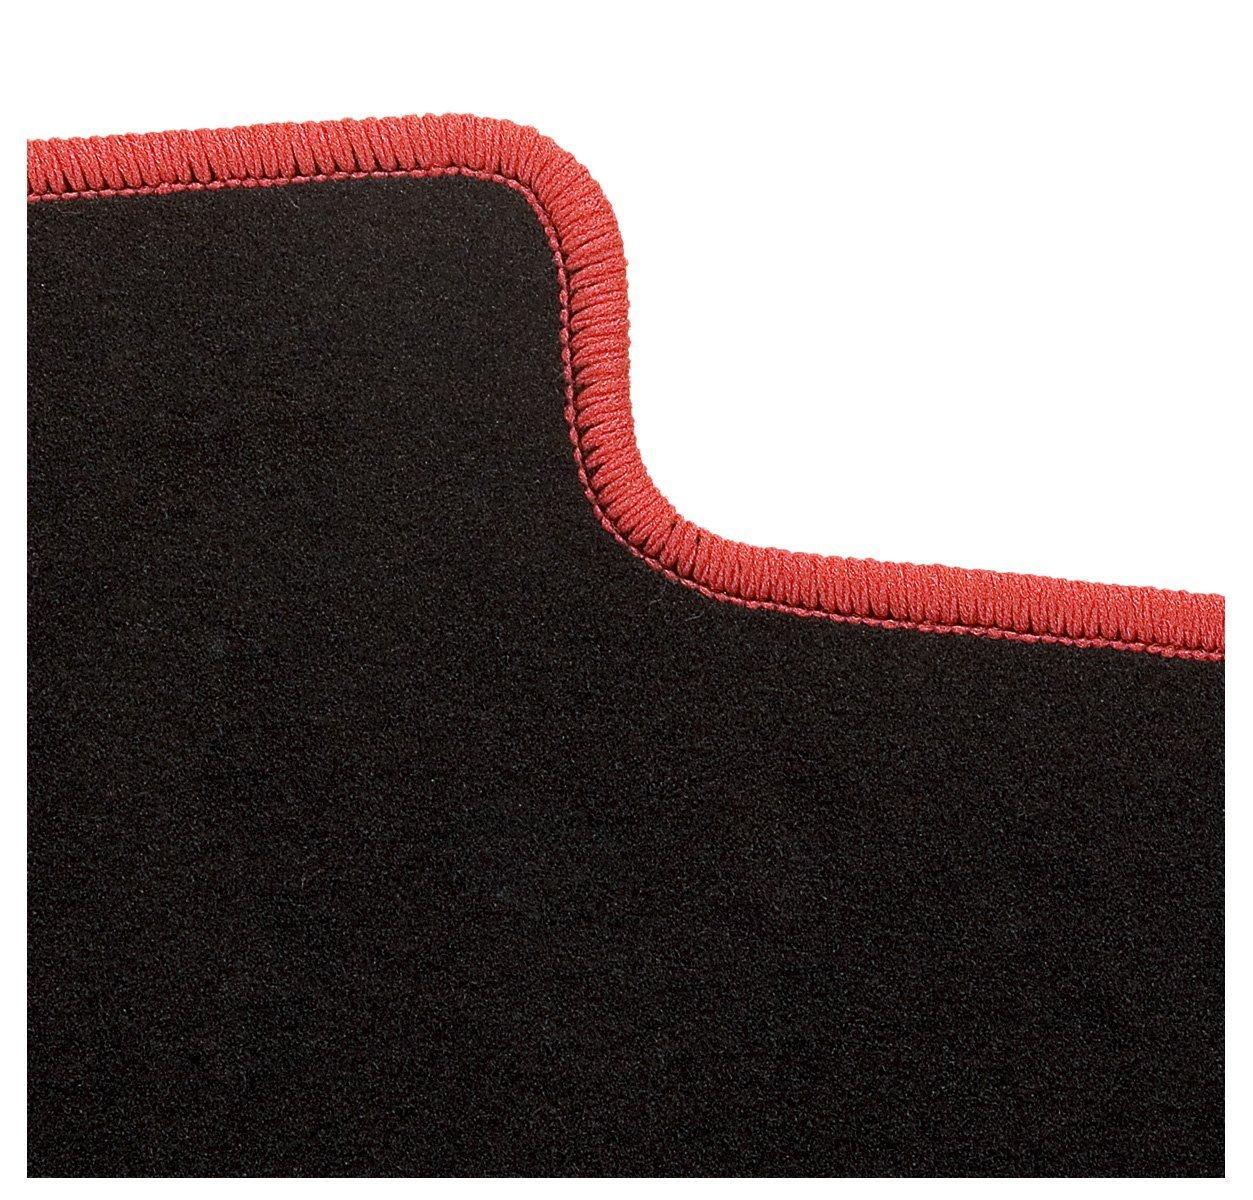 Fussmatte Velours in schwarz anthrazit Passform Auto Fussmatten 4 teiliges Auto Fussmatten Set mit Mattenhalter CarFashion 230120 ExquiPlus Schwarze Hochglanz Kettelung